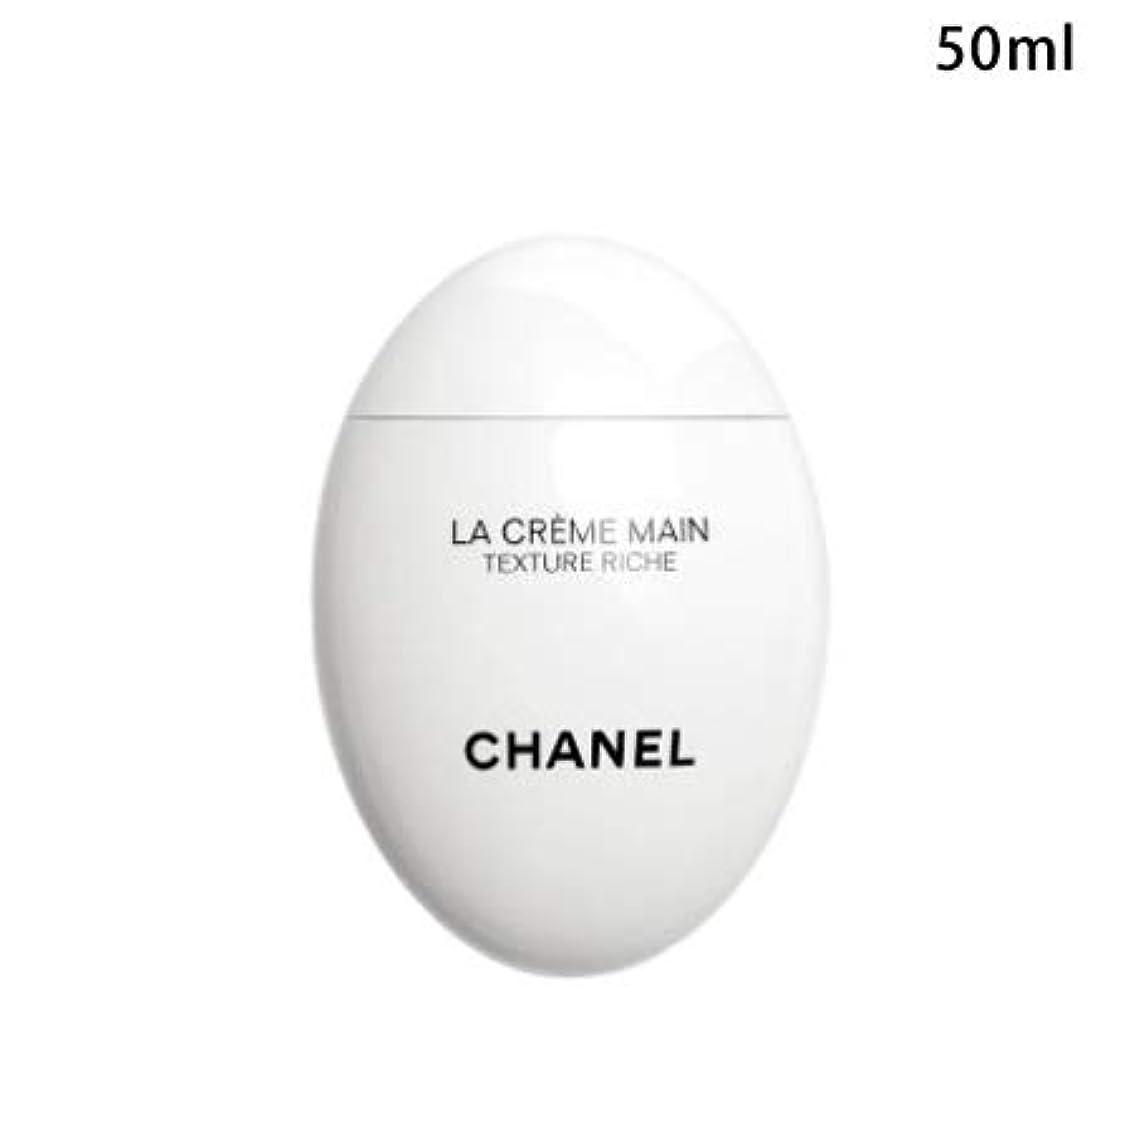 請求批判的に電気陽性シャネル ラ クレーム マン リッシュ 50ml -CHANEL-